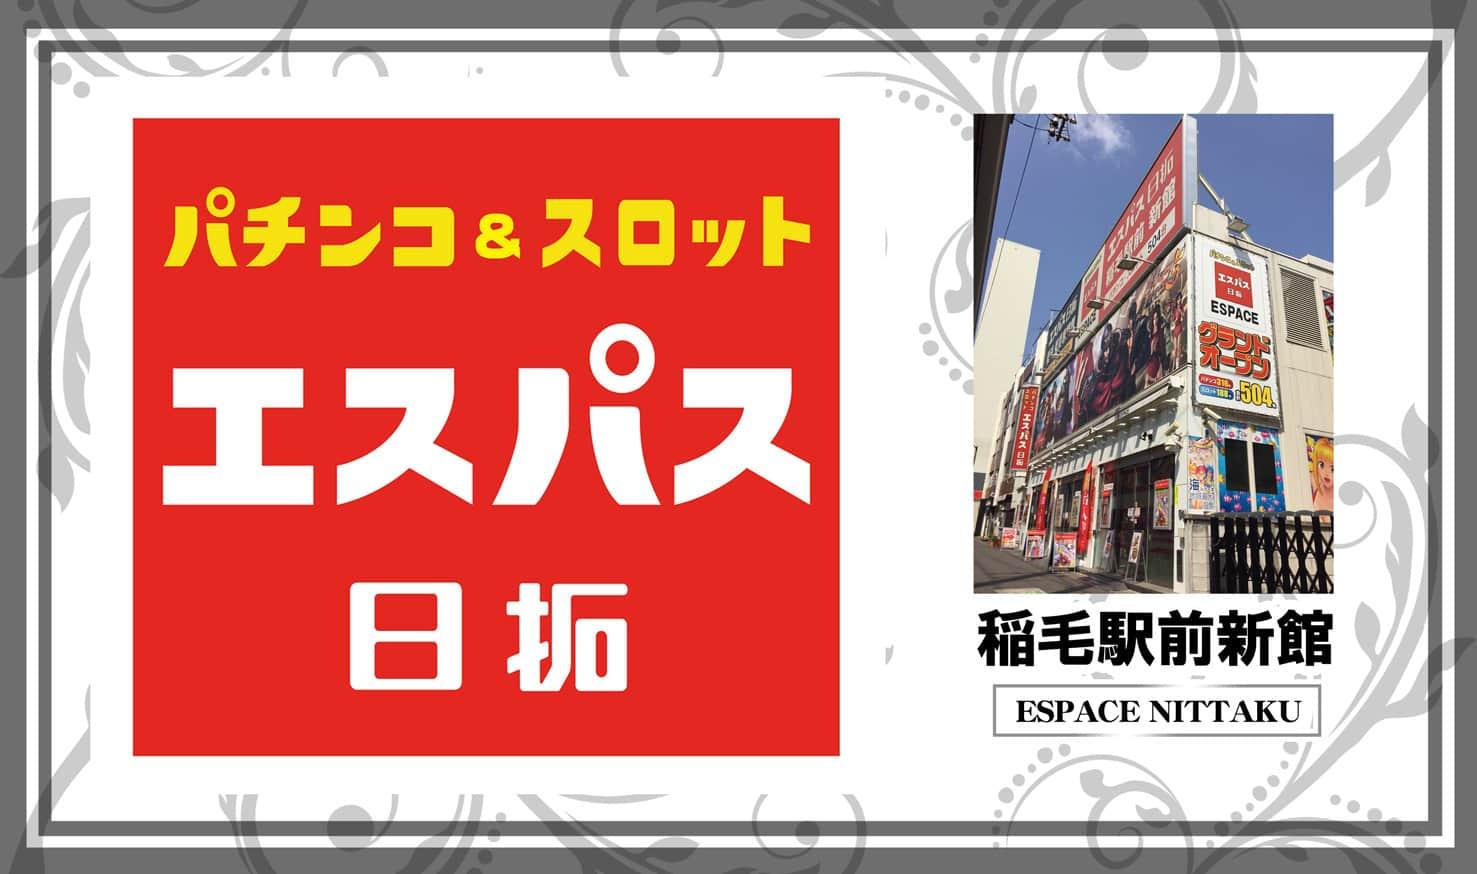 エスパス日拓稲毛駅前新館